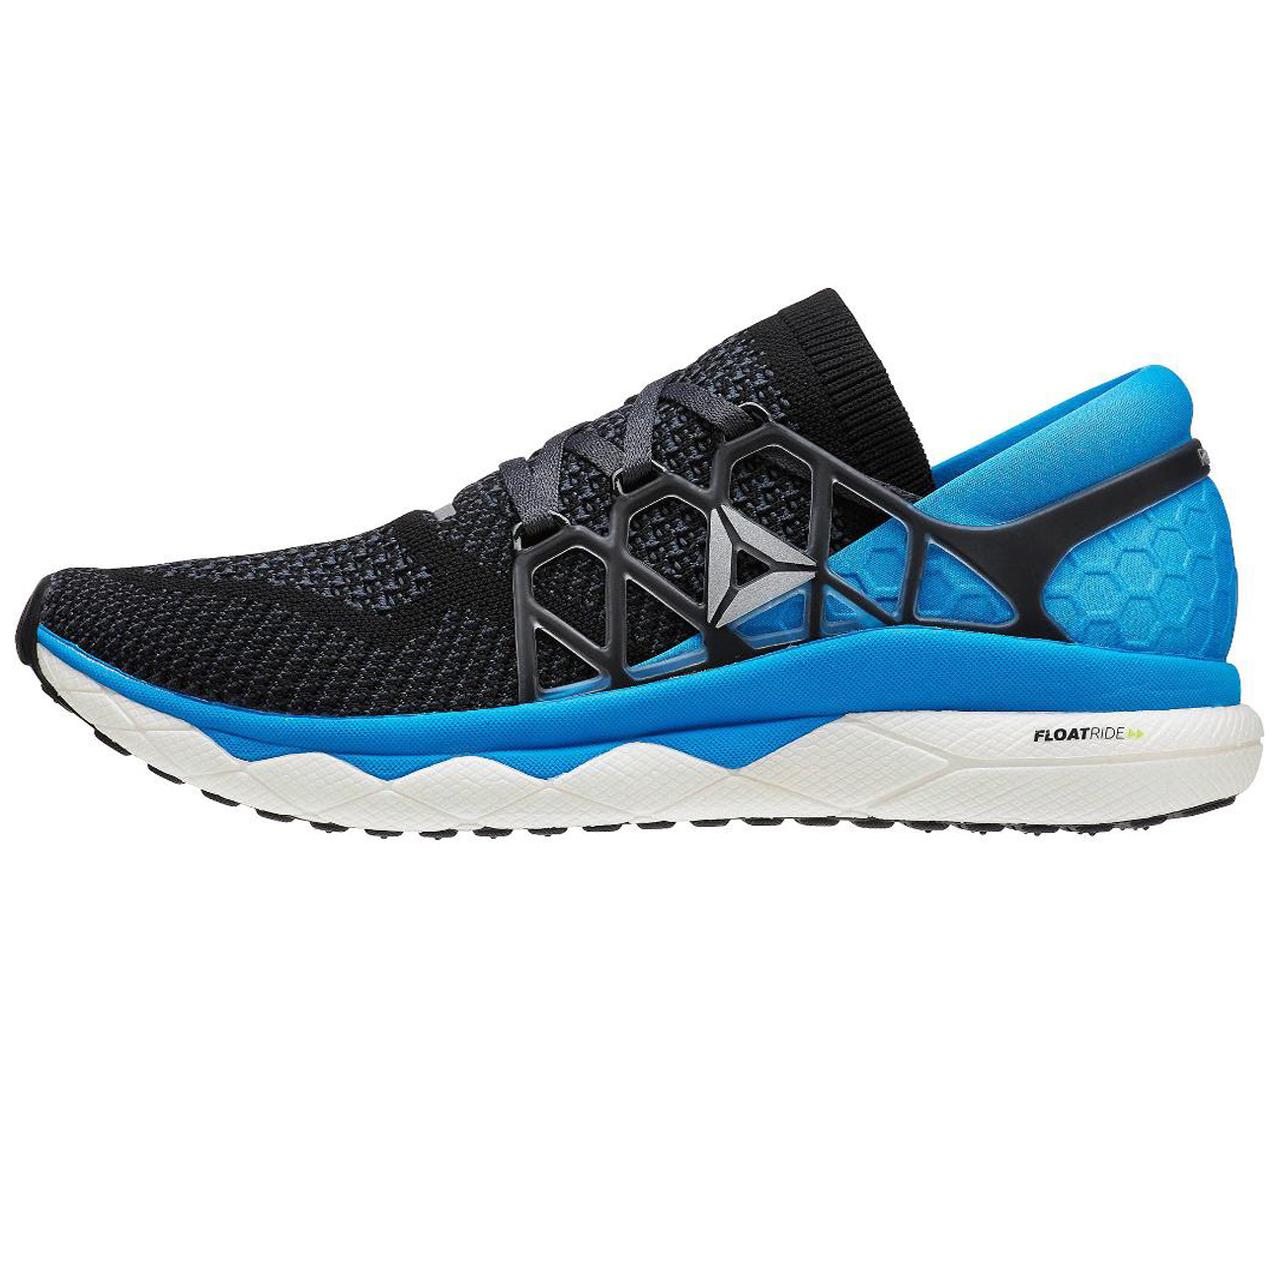 کفش مخصوص دویدن زنانه ریباک مدل Float ride کد 987-095